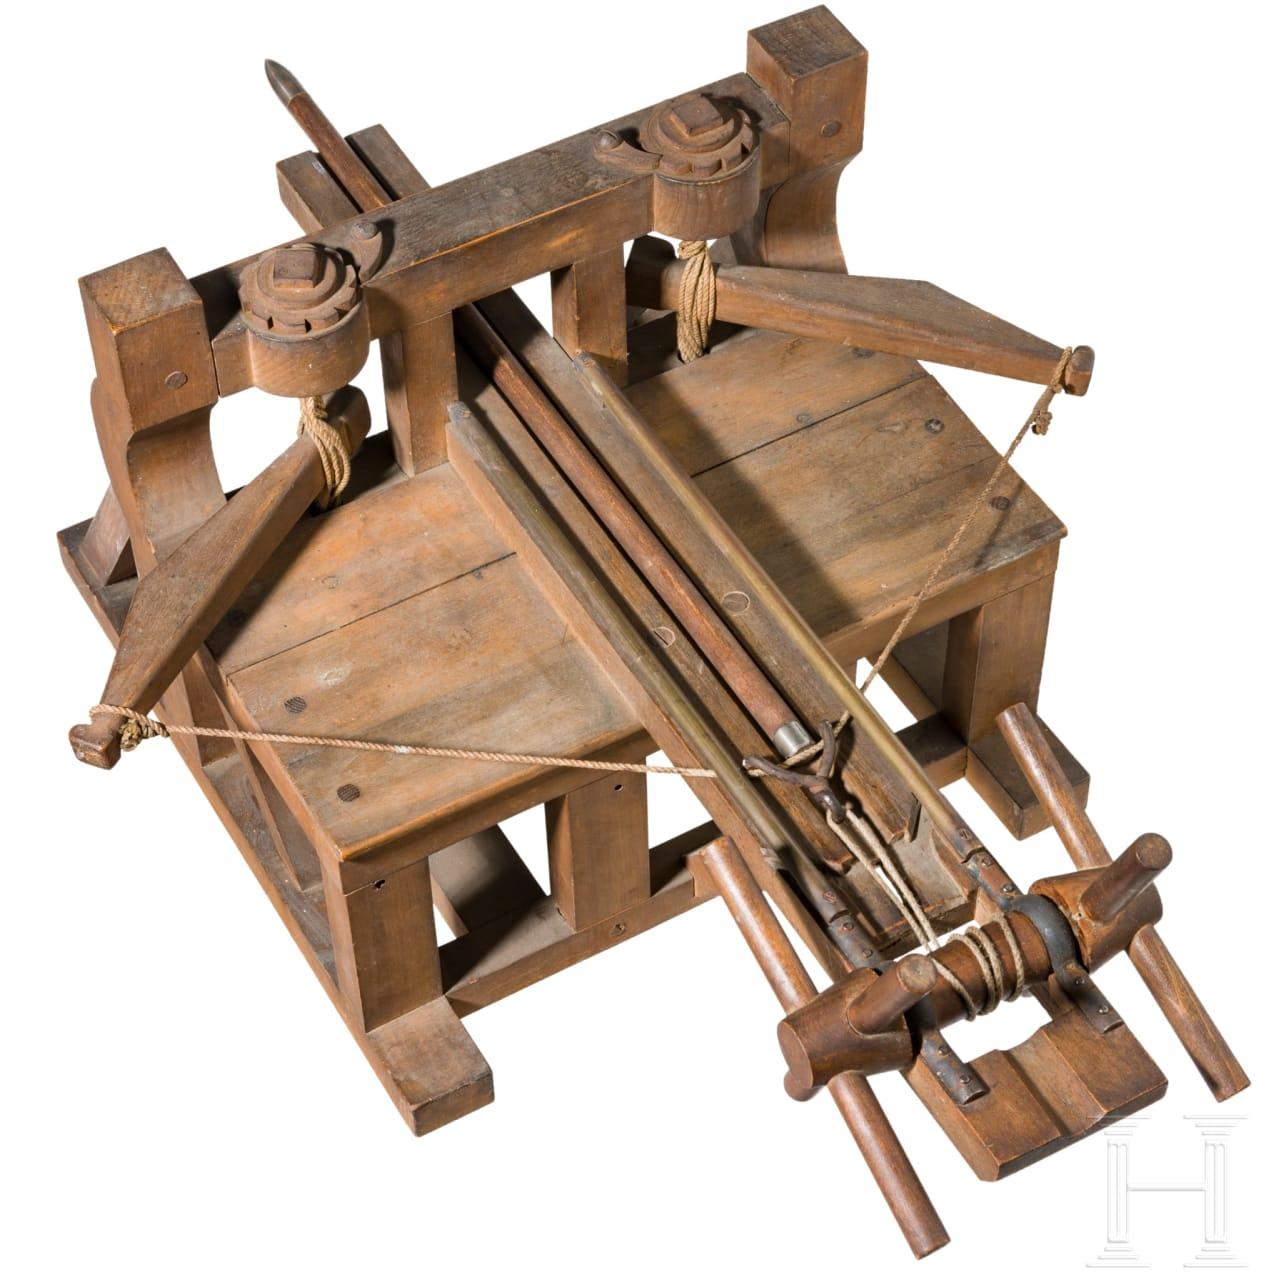 Seltenes Modell eines römischen Torsionsgeschützes, spätes 19. Jhdt./Anfang 20. Jhdt.